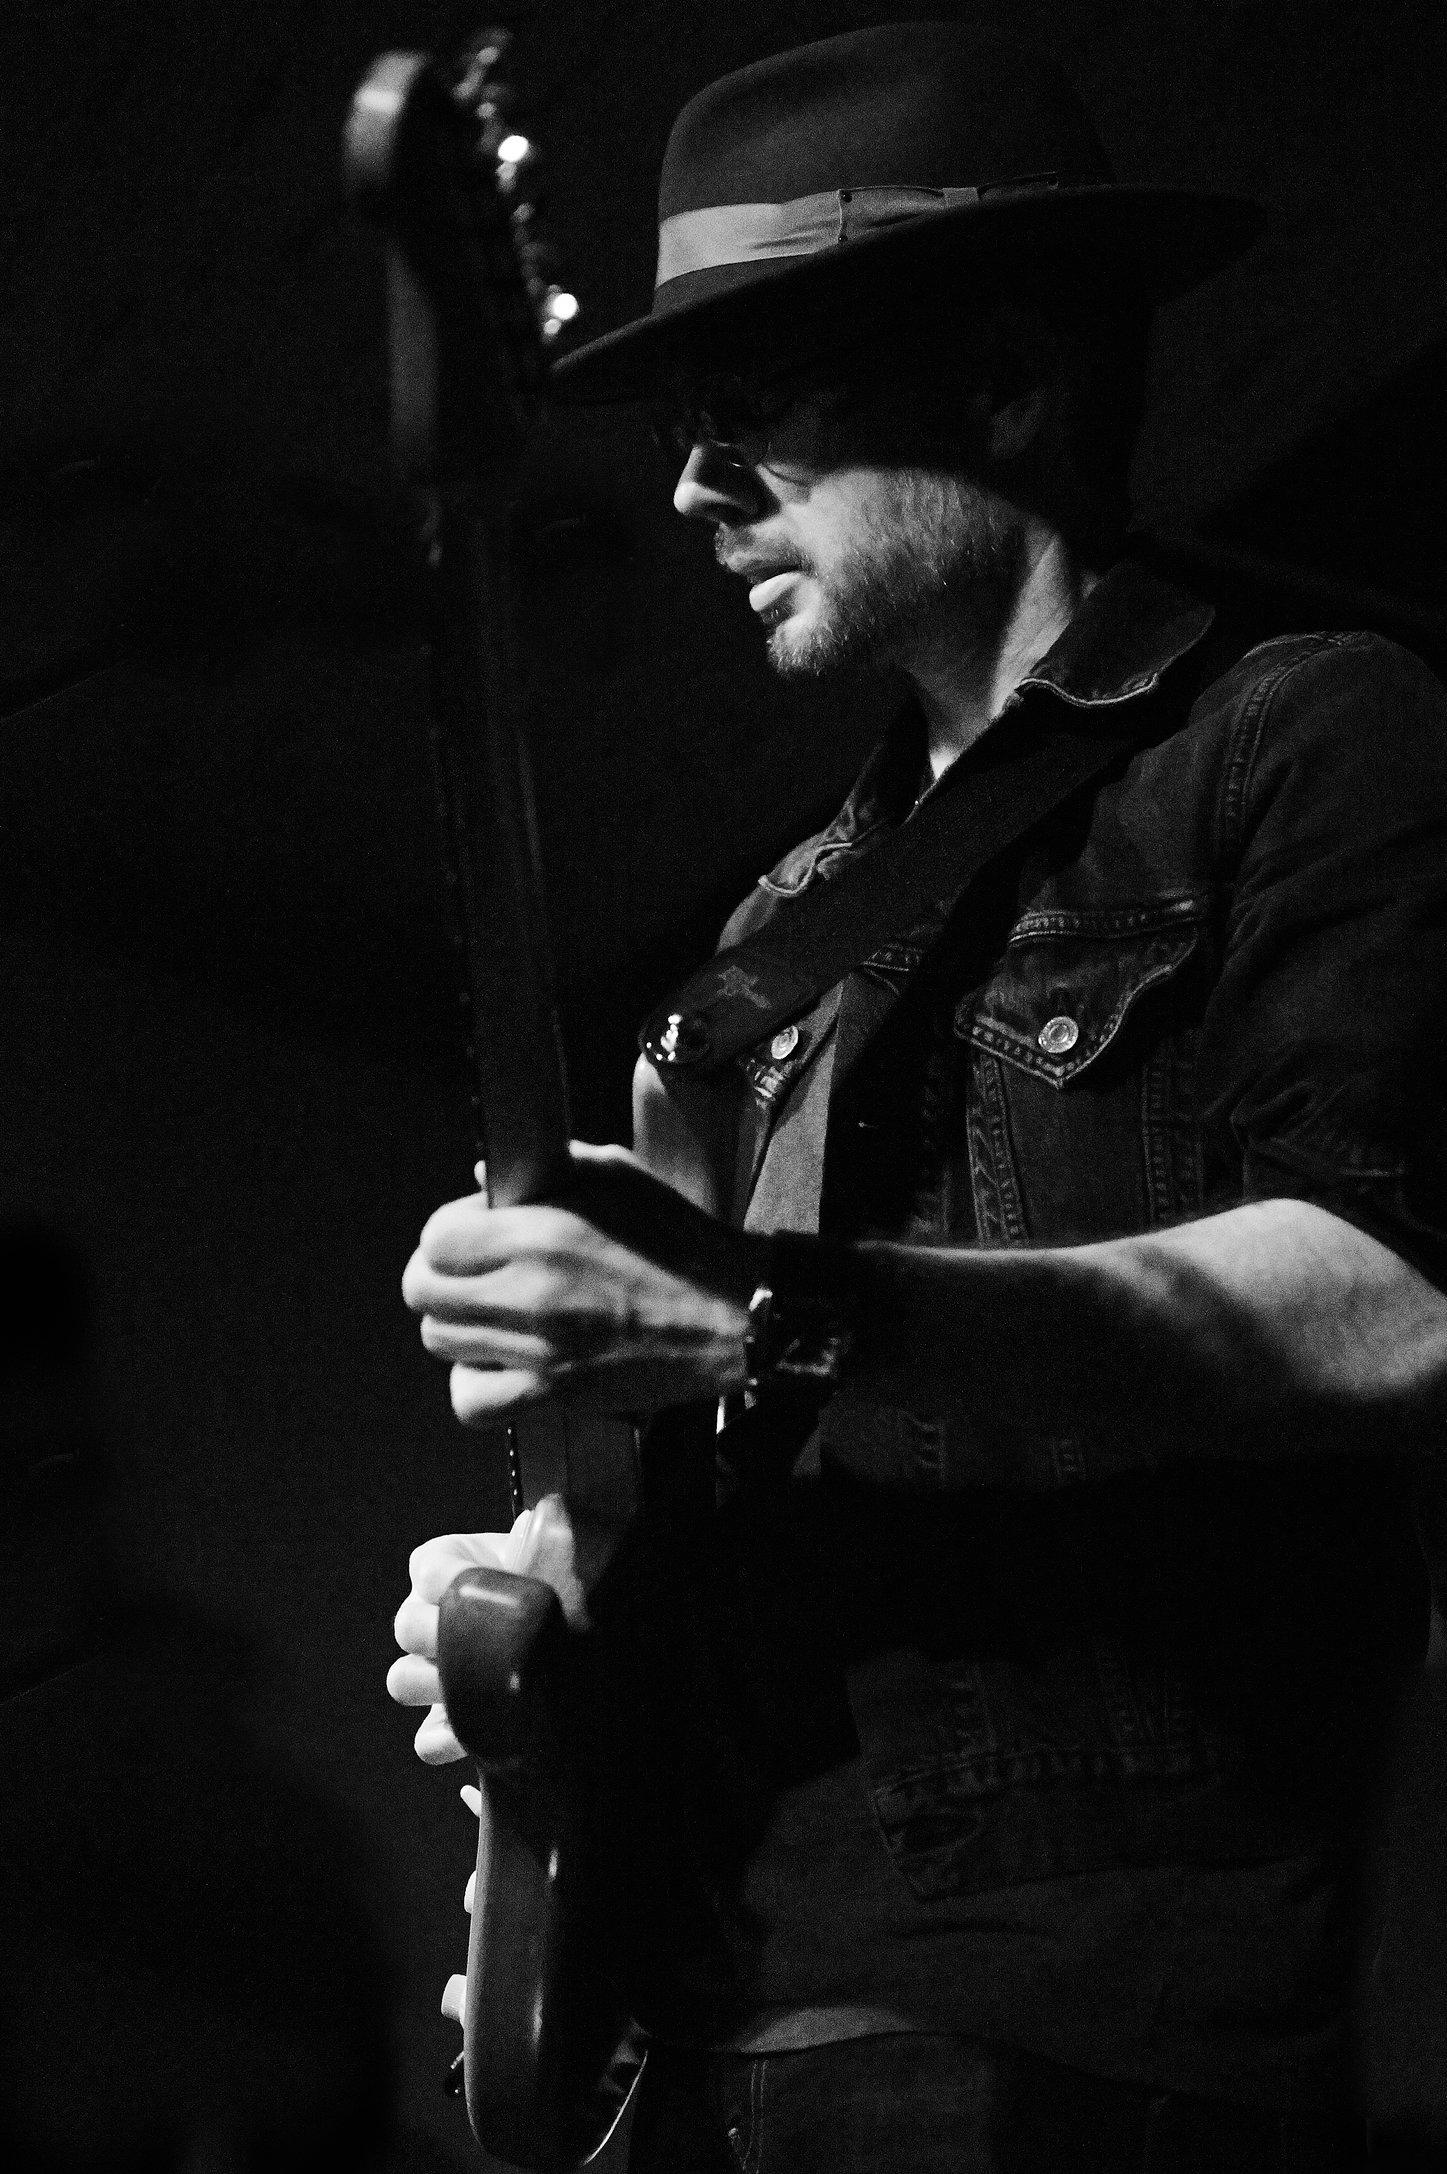 Dave Hanson Band